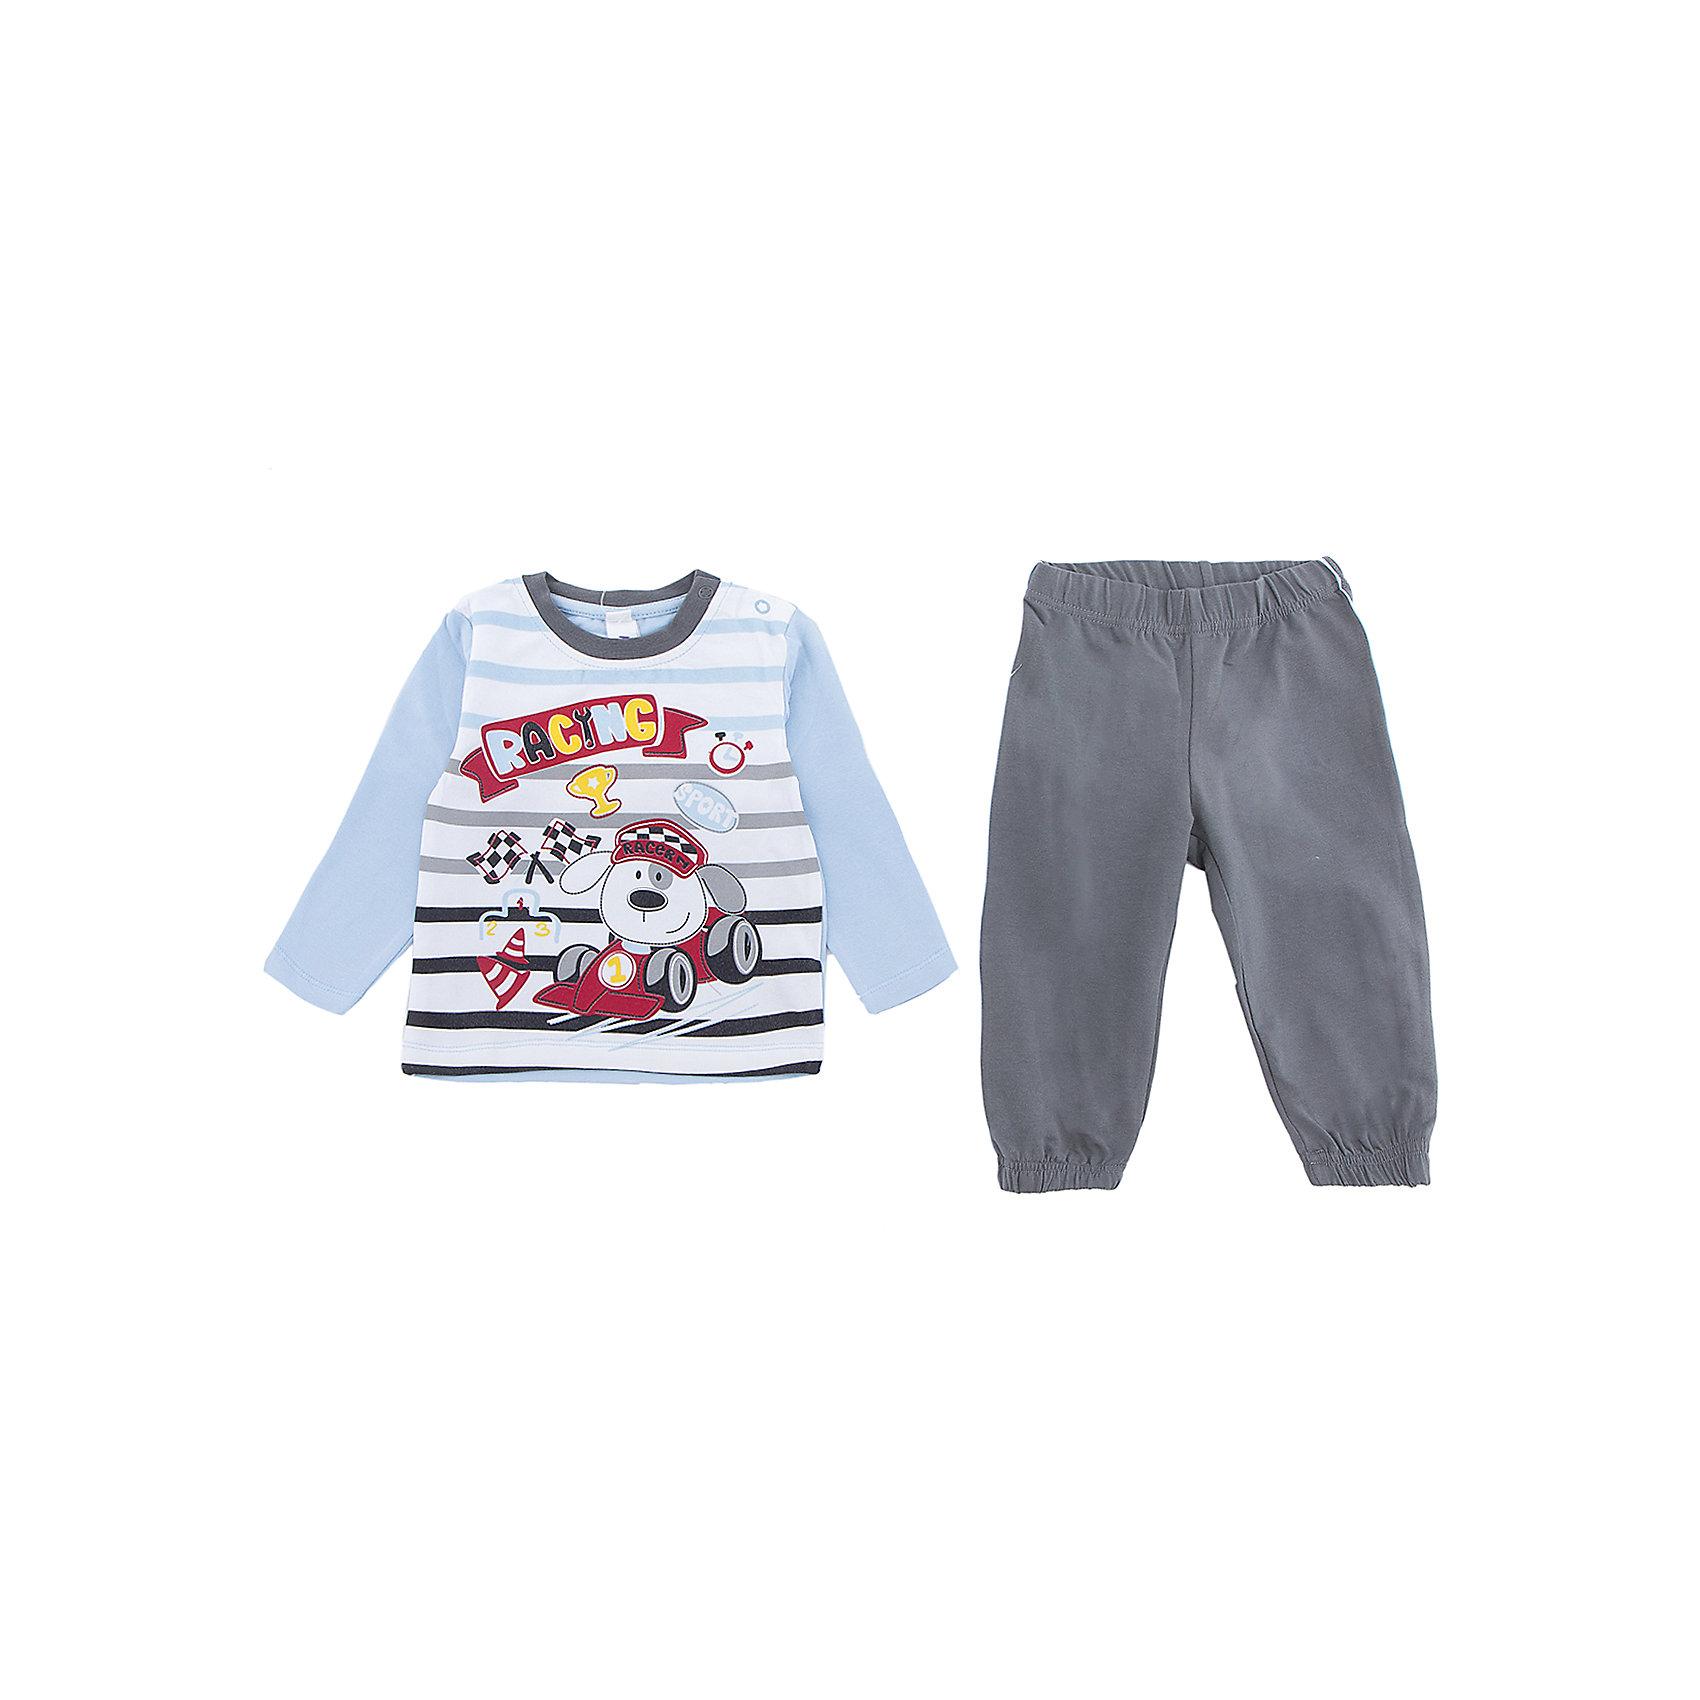 Комплект: футболка и брюки PlayToday для мальчикаКомплекты<br>Комплект: футболка и брюки PlayToday для мальчика<br>Комлект из натурального хлопка. Футболка с длинным рукавом. Для удобства снимания и одевания плечо футболки дополнено застежками - кнопками. Пояс брюк на широкой резинке, не сдавливающей живот ребенка. Низ штанин также на резинках. В качестве декора на футболку нанесен принт.<br>Состав:<br>95% хлопок, 5% эластан<br><br>Ширина мм: 199<br>Глубина мм: 10<br>Высота мм: 161<br>Вес г: 151<br>Цвет: белый<br>Возраст от месяцев: 18<br>Возраст до месяцев: 24<br>Пол: Мужской<br>Возраст: Детский<br>Размер: 92,74,80,86<br>SKU: 7109979